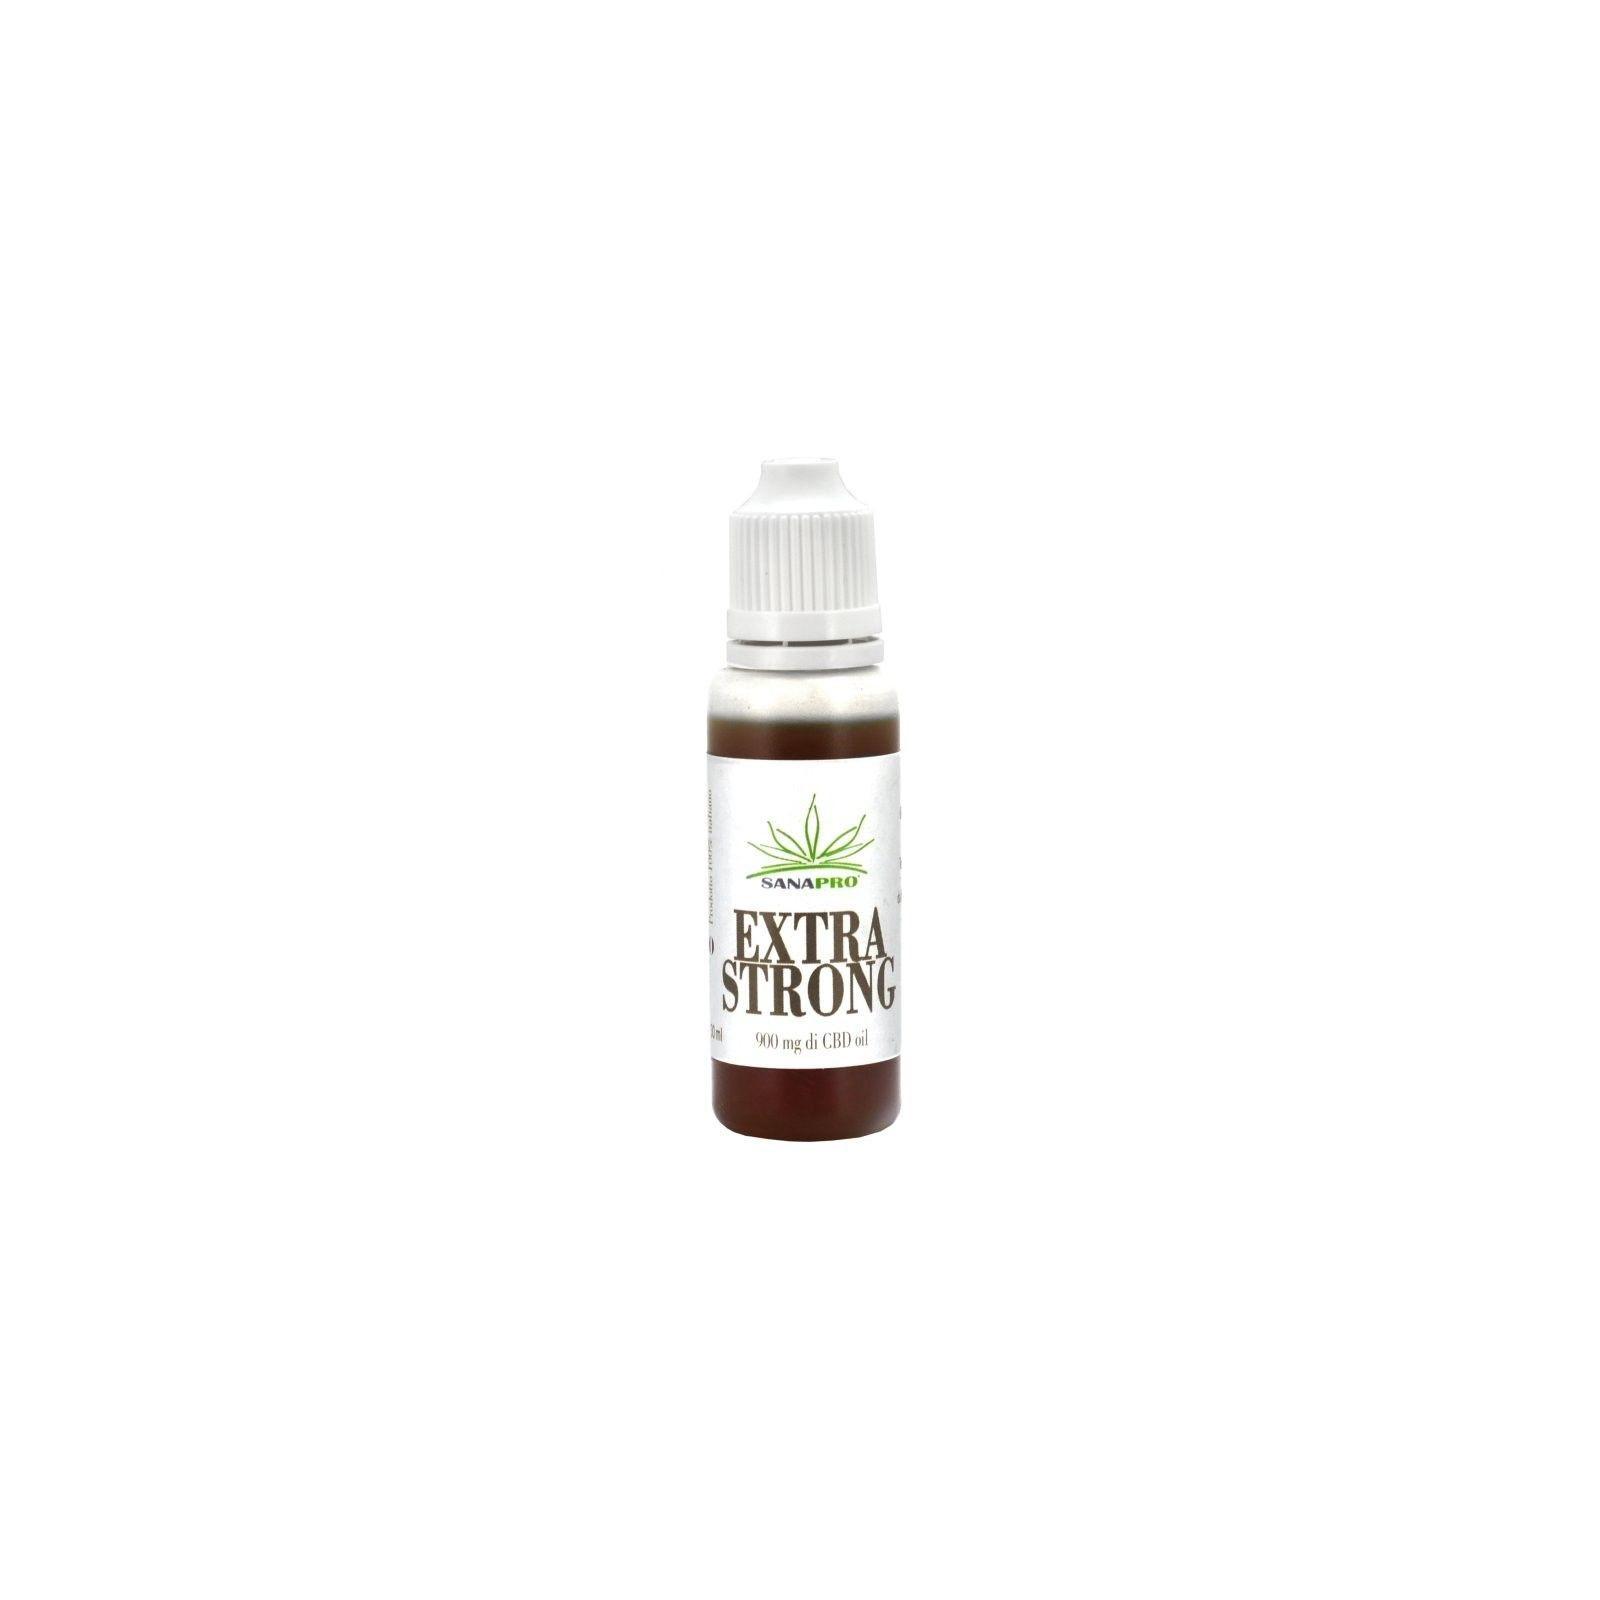 Extra Strong CBD Sanapro